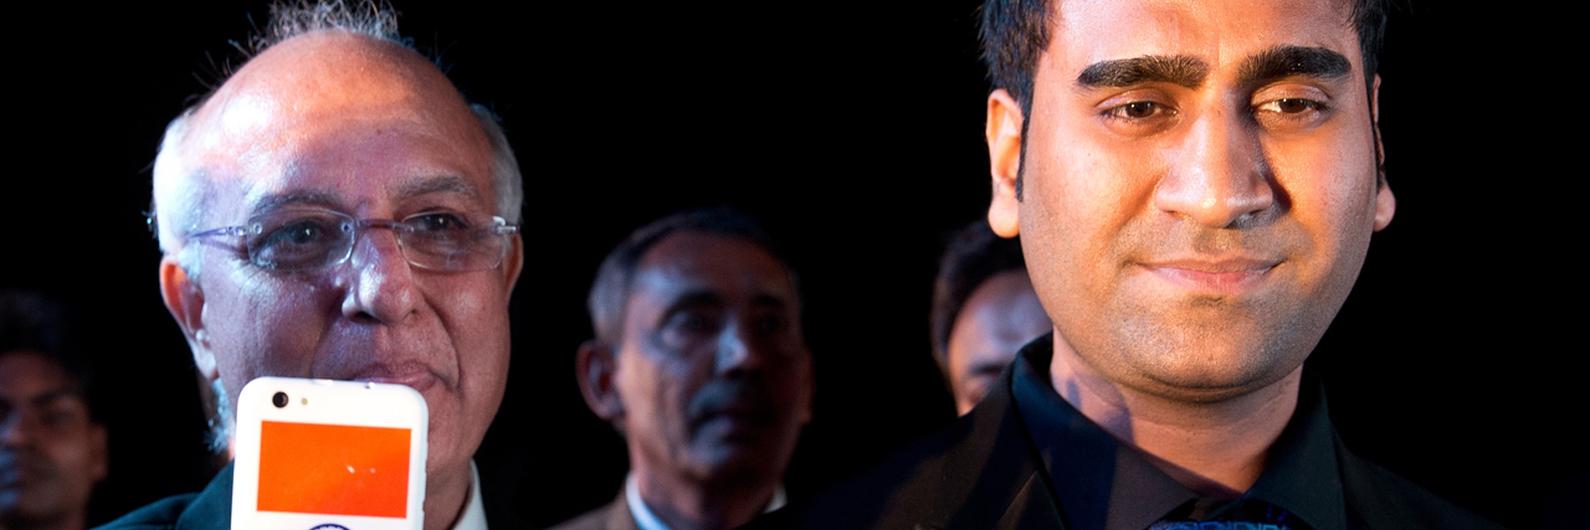 Fundador da empresa que vendia smartphones por 3 euros preso por fraude